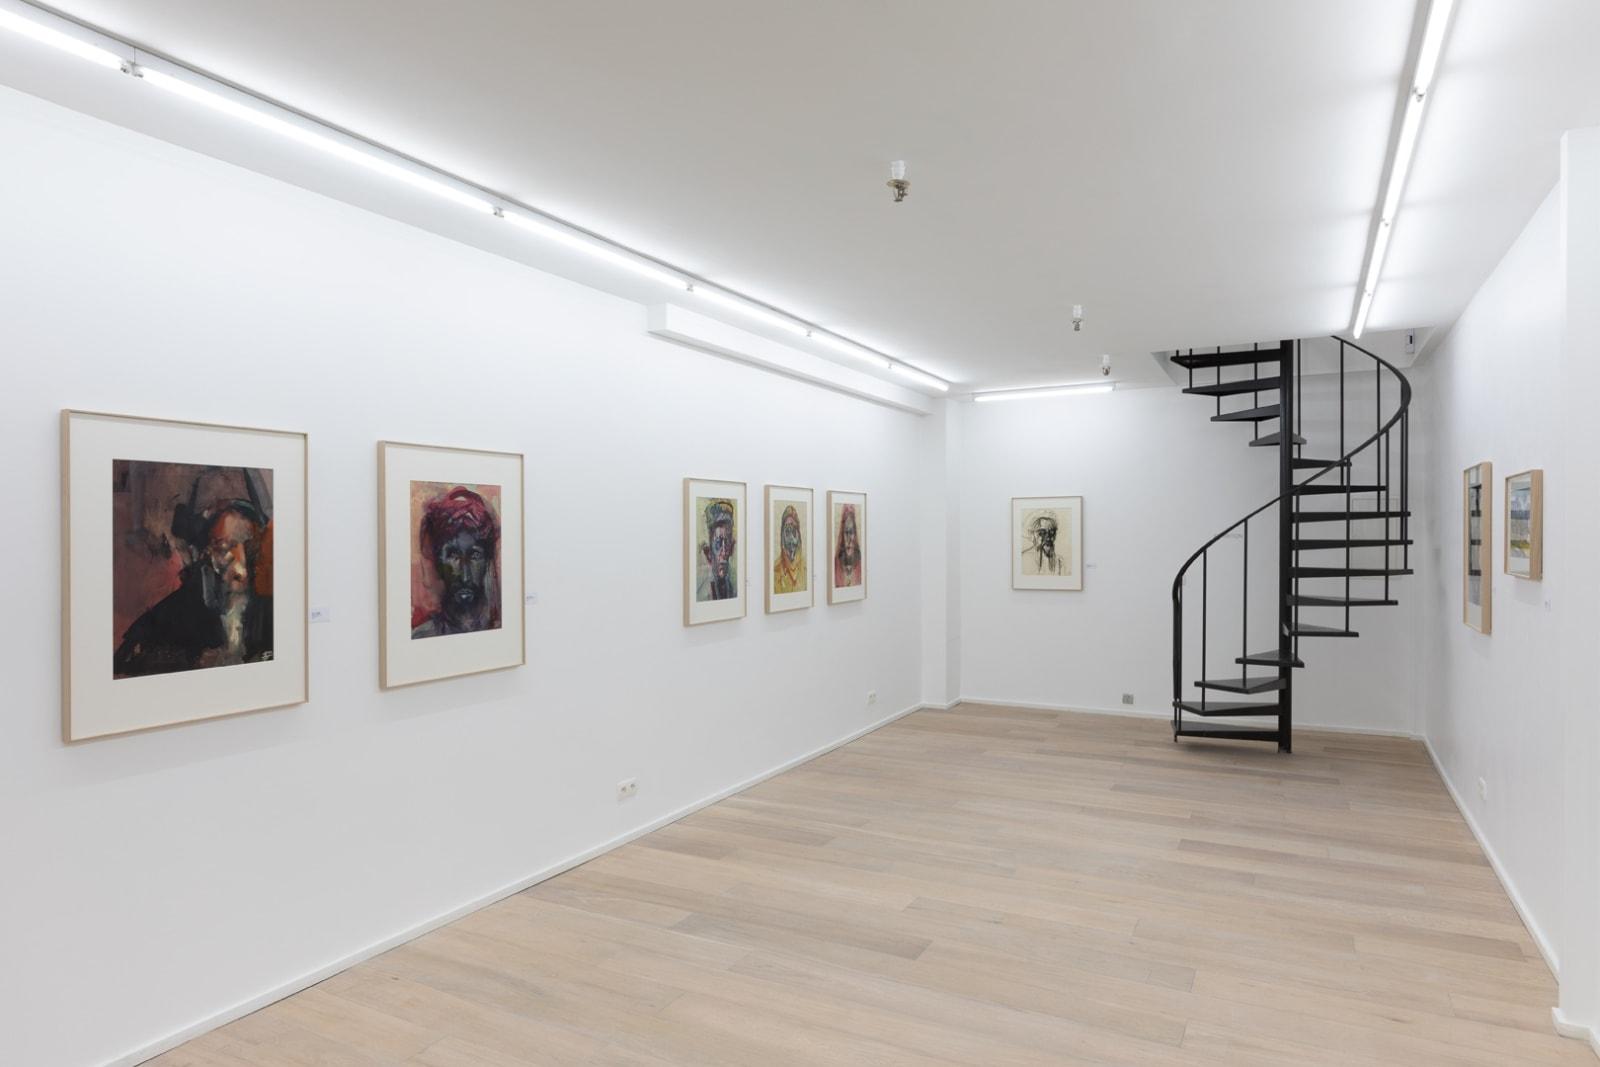 Husk Gallery @ Rivoli #12 Brussels